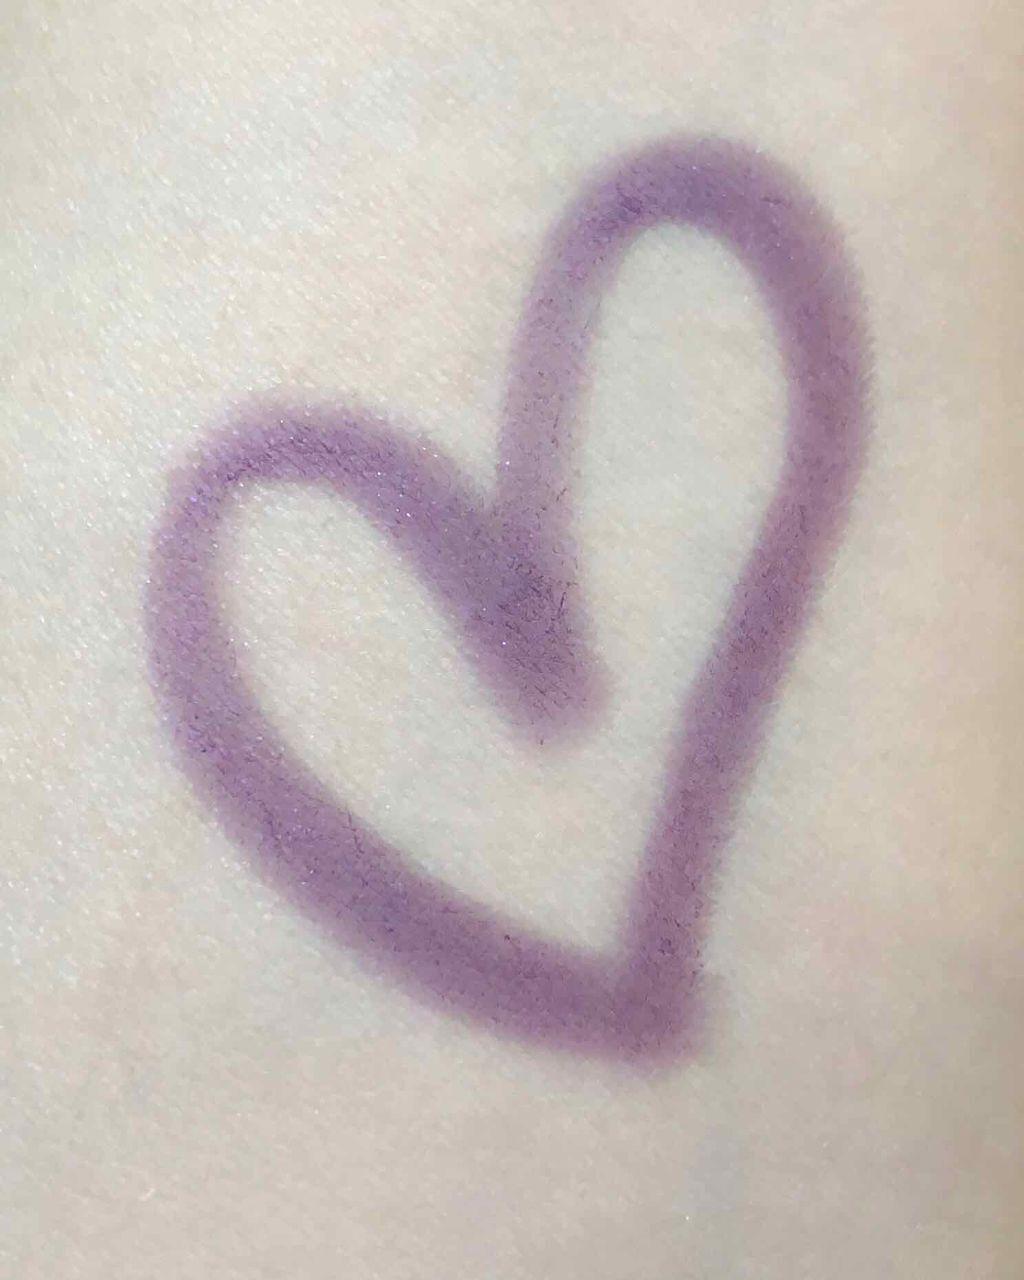 「リップだけじゃないんです!カラーが可愛い「リップ以外のクレヨンコスメ」5選」の画像(#30601)